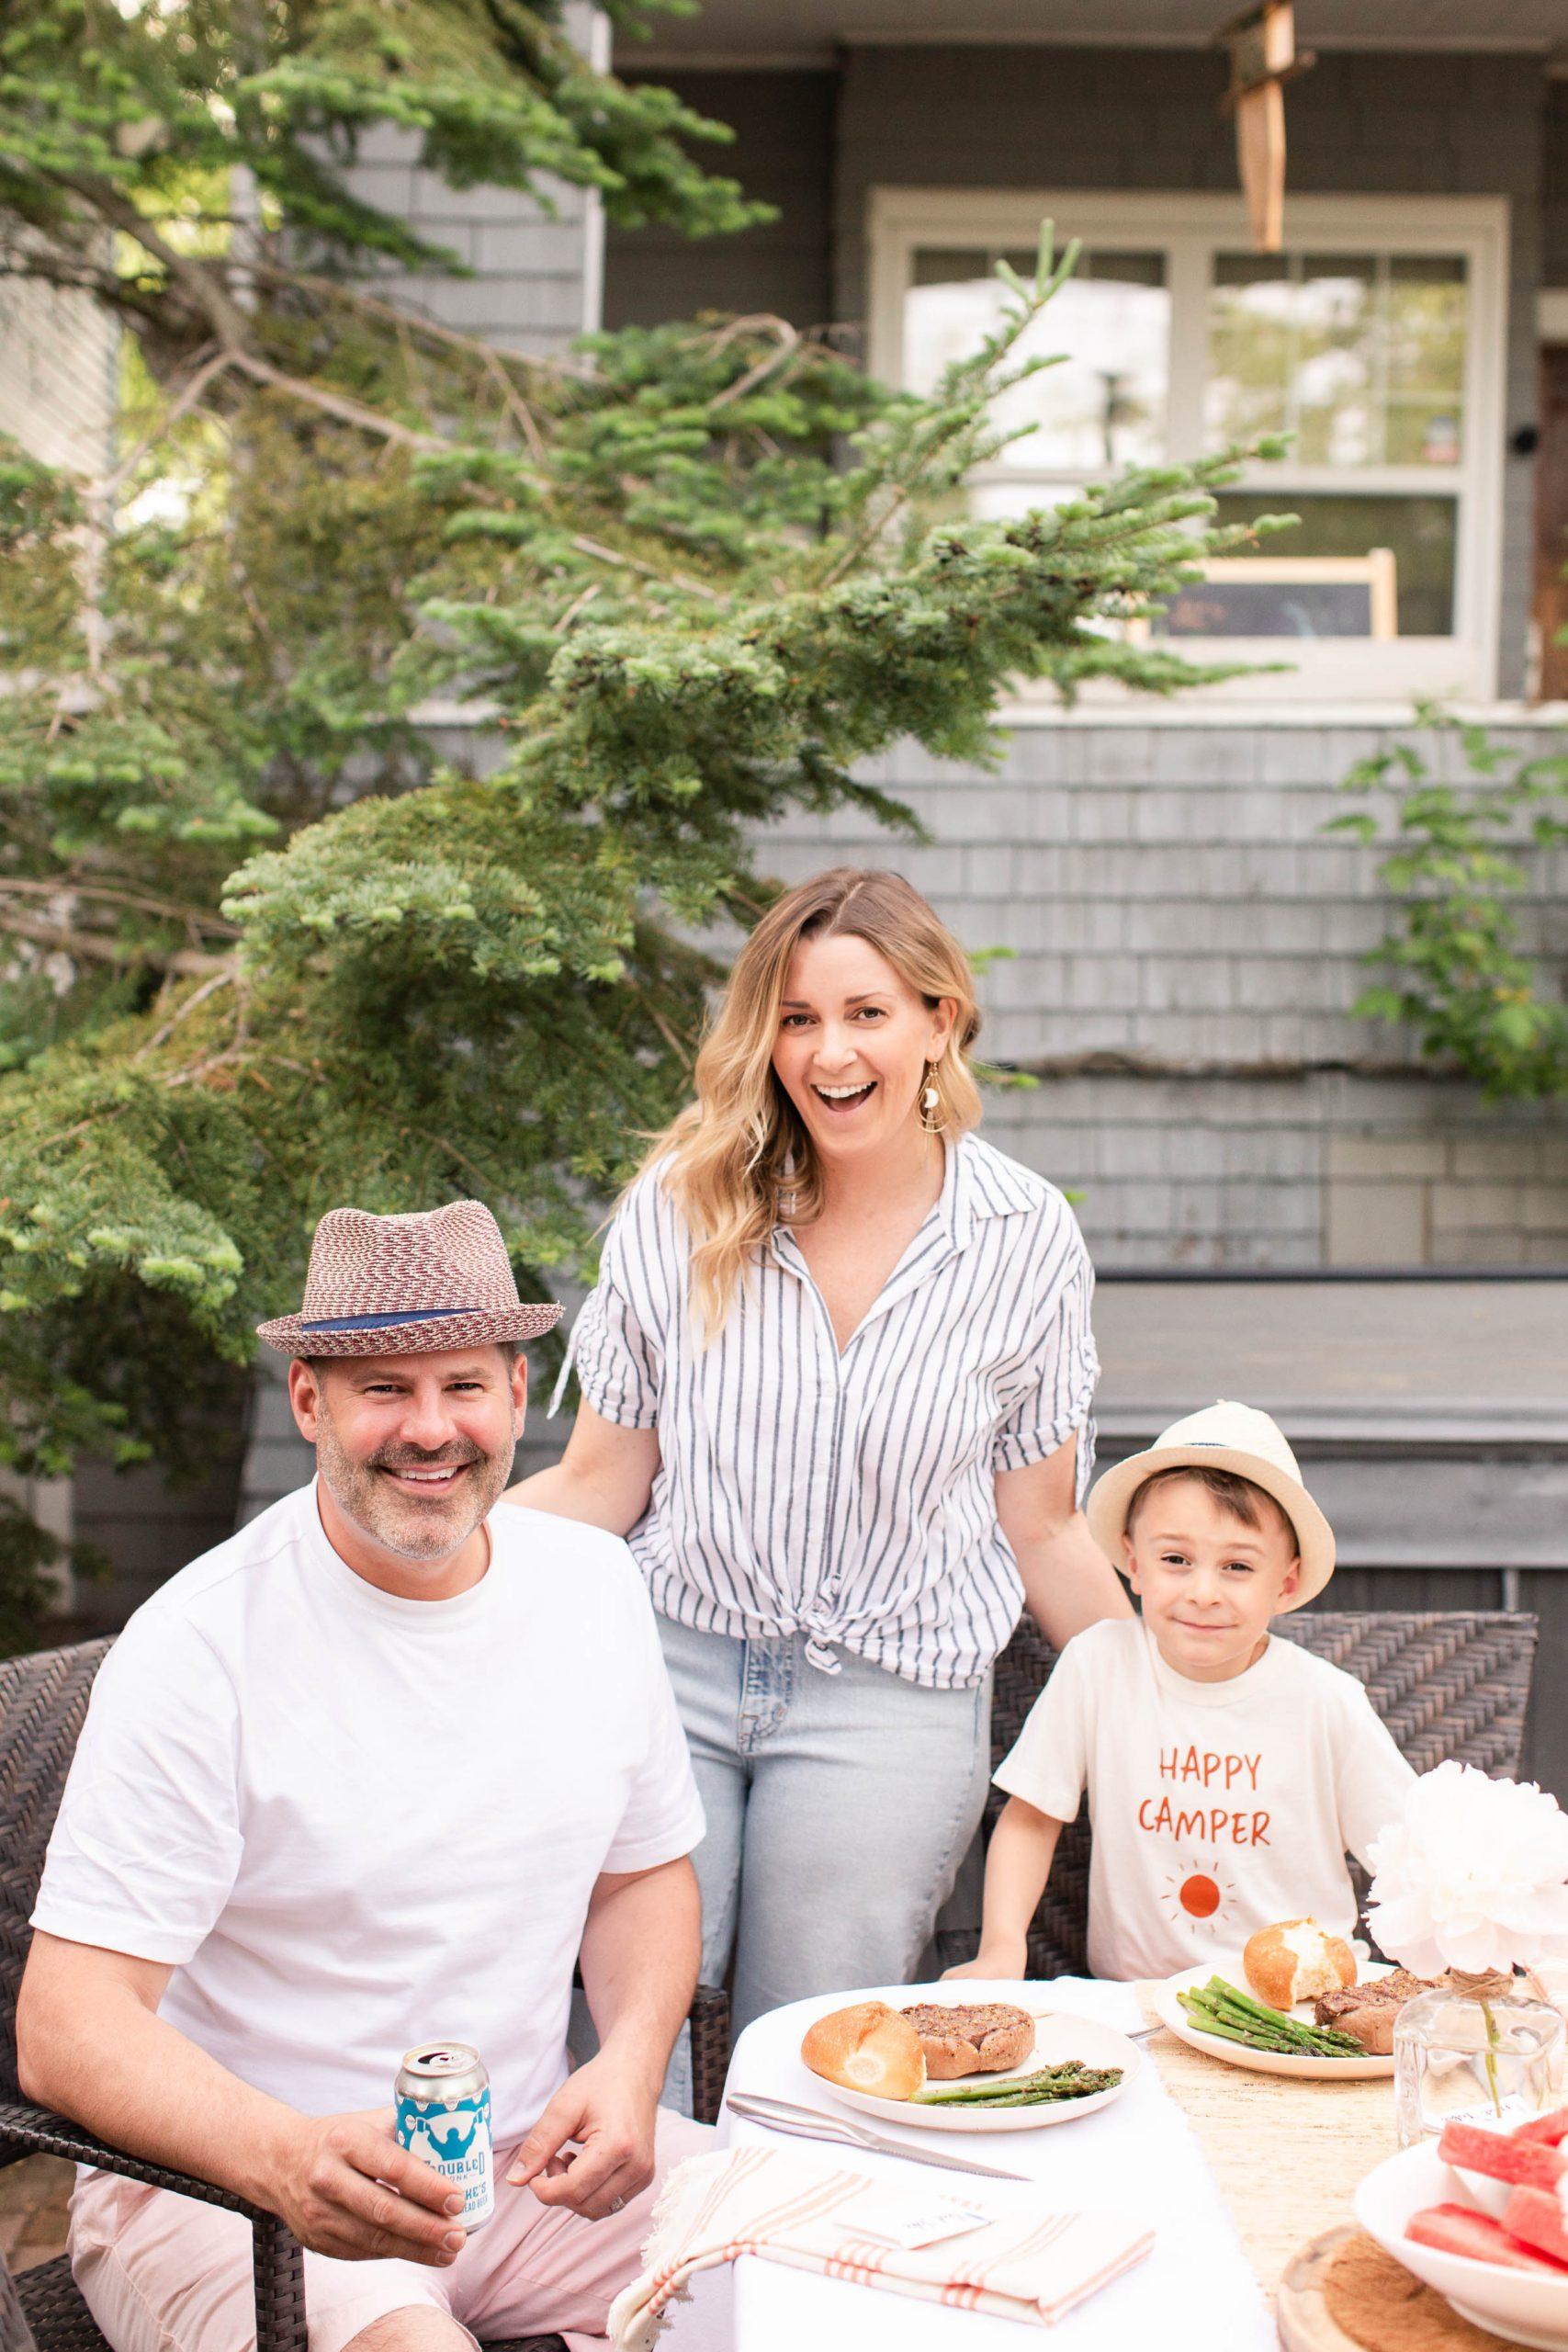 Kari Skelton's family having dinner outside